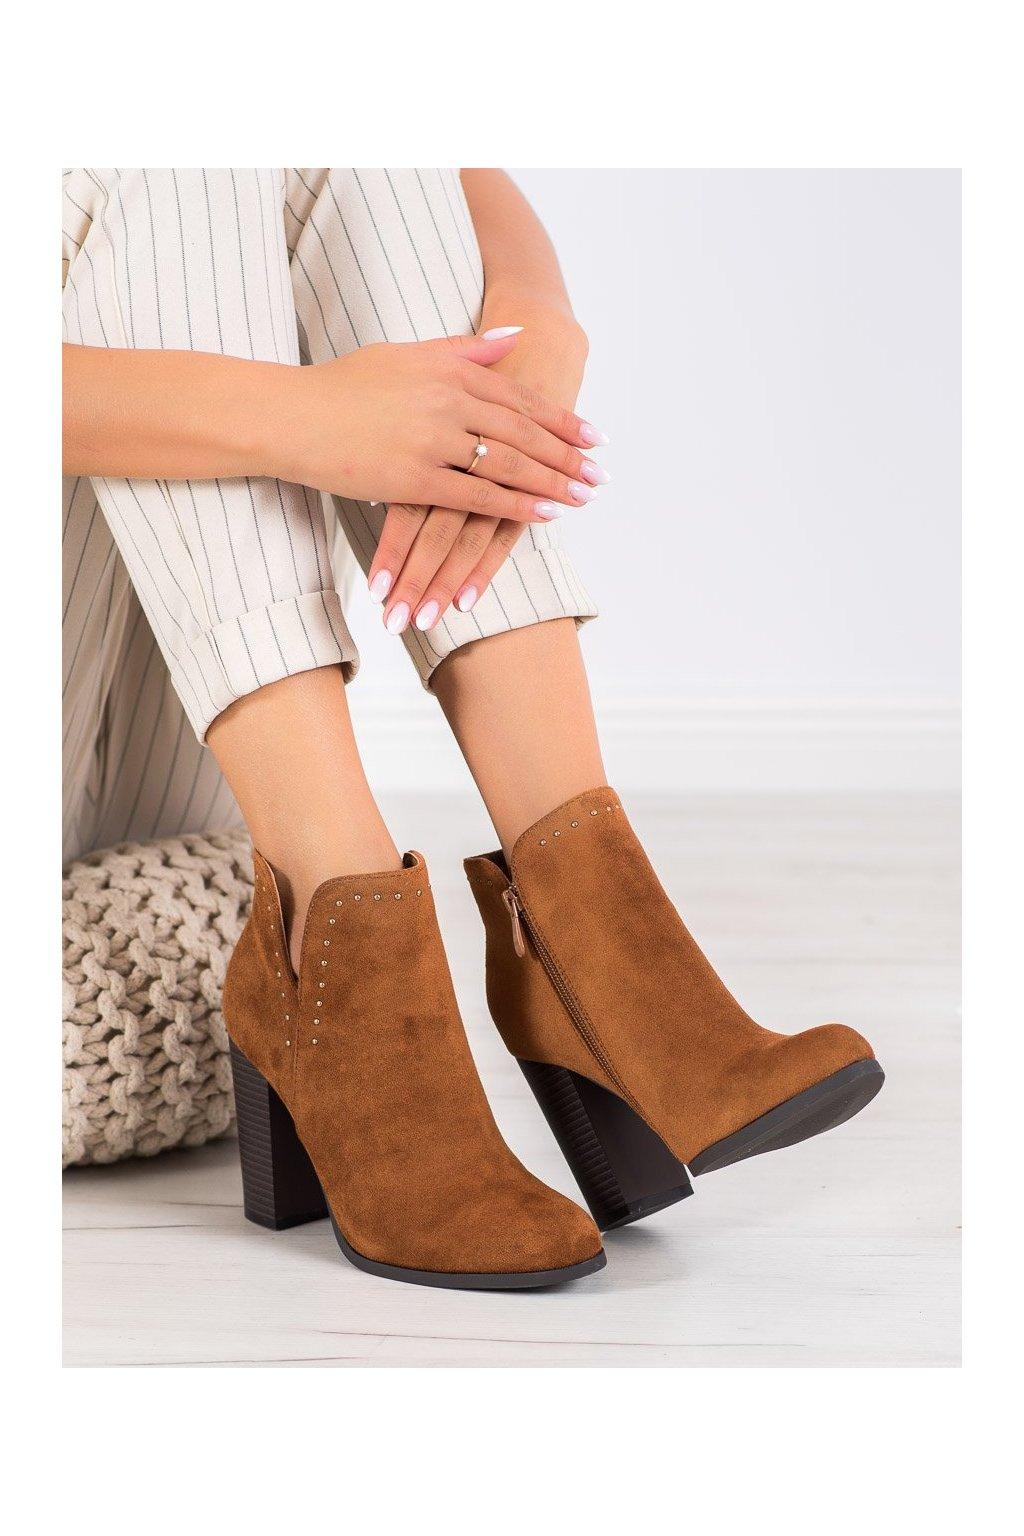 Hnedé dámske topánky Seastar kod UK11C